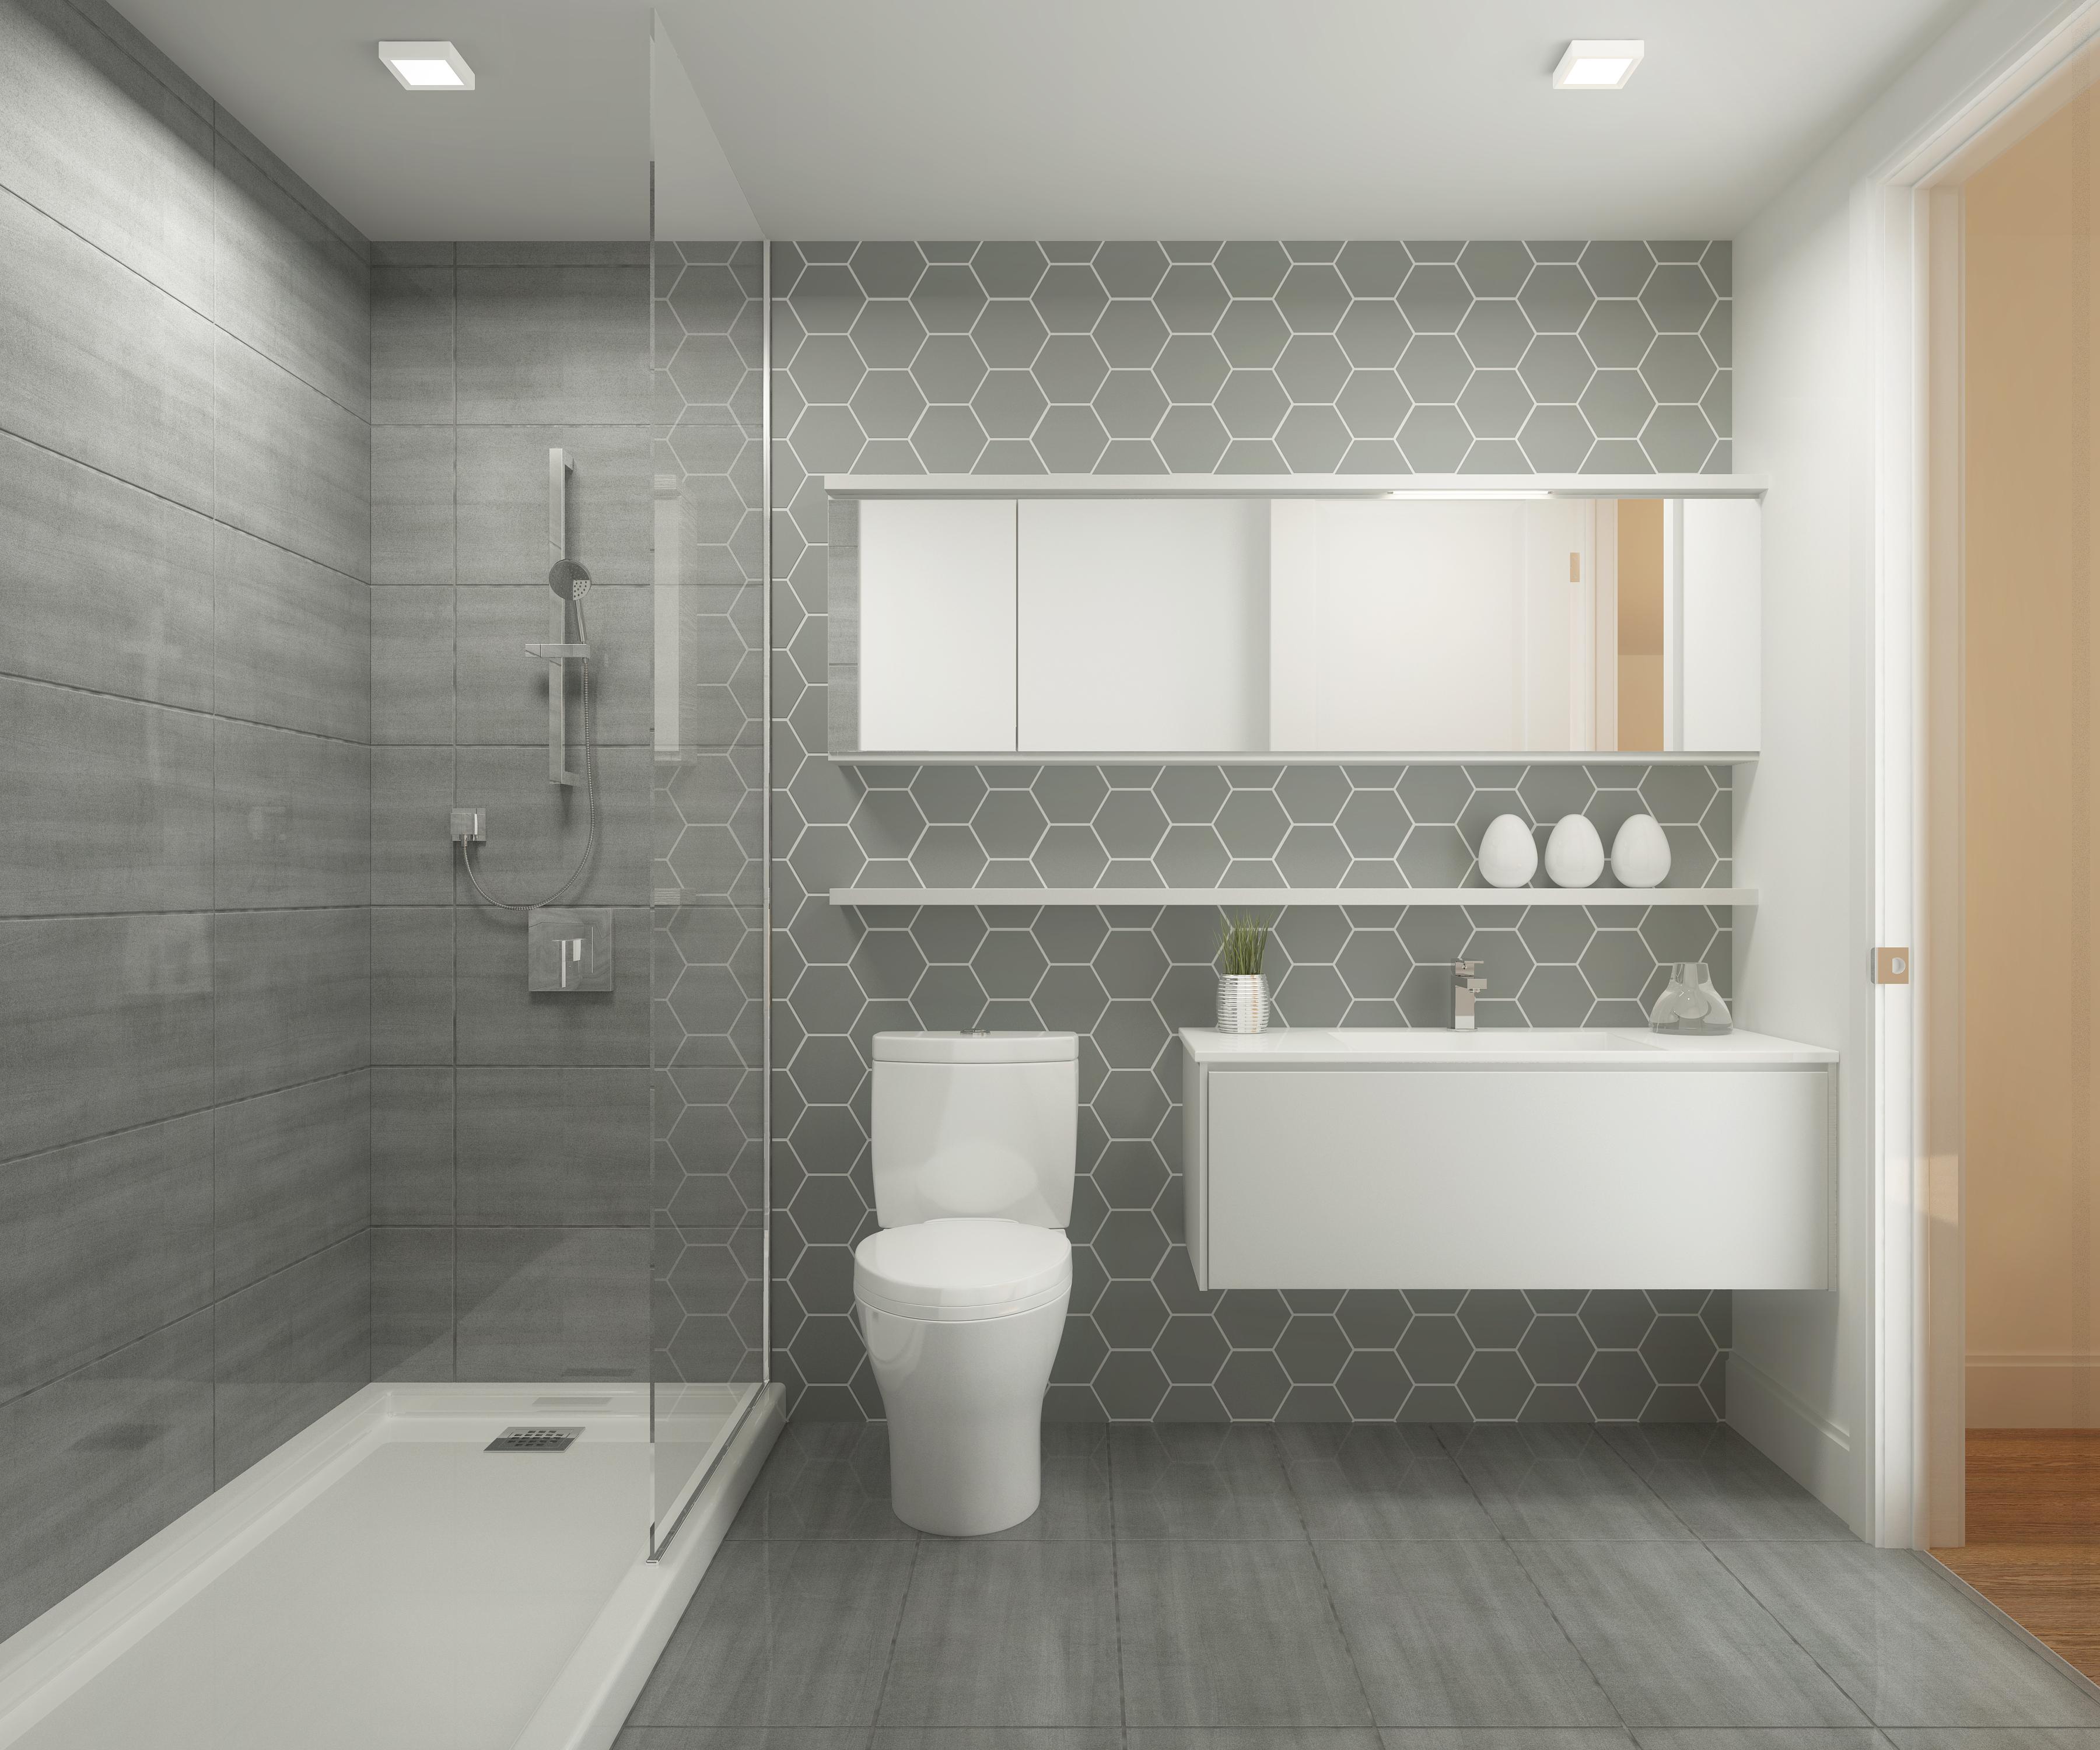 Petit guide pour une salle de bain wow for Salle de bain zen moderne